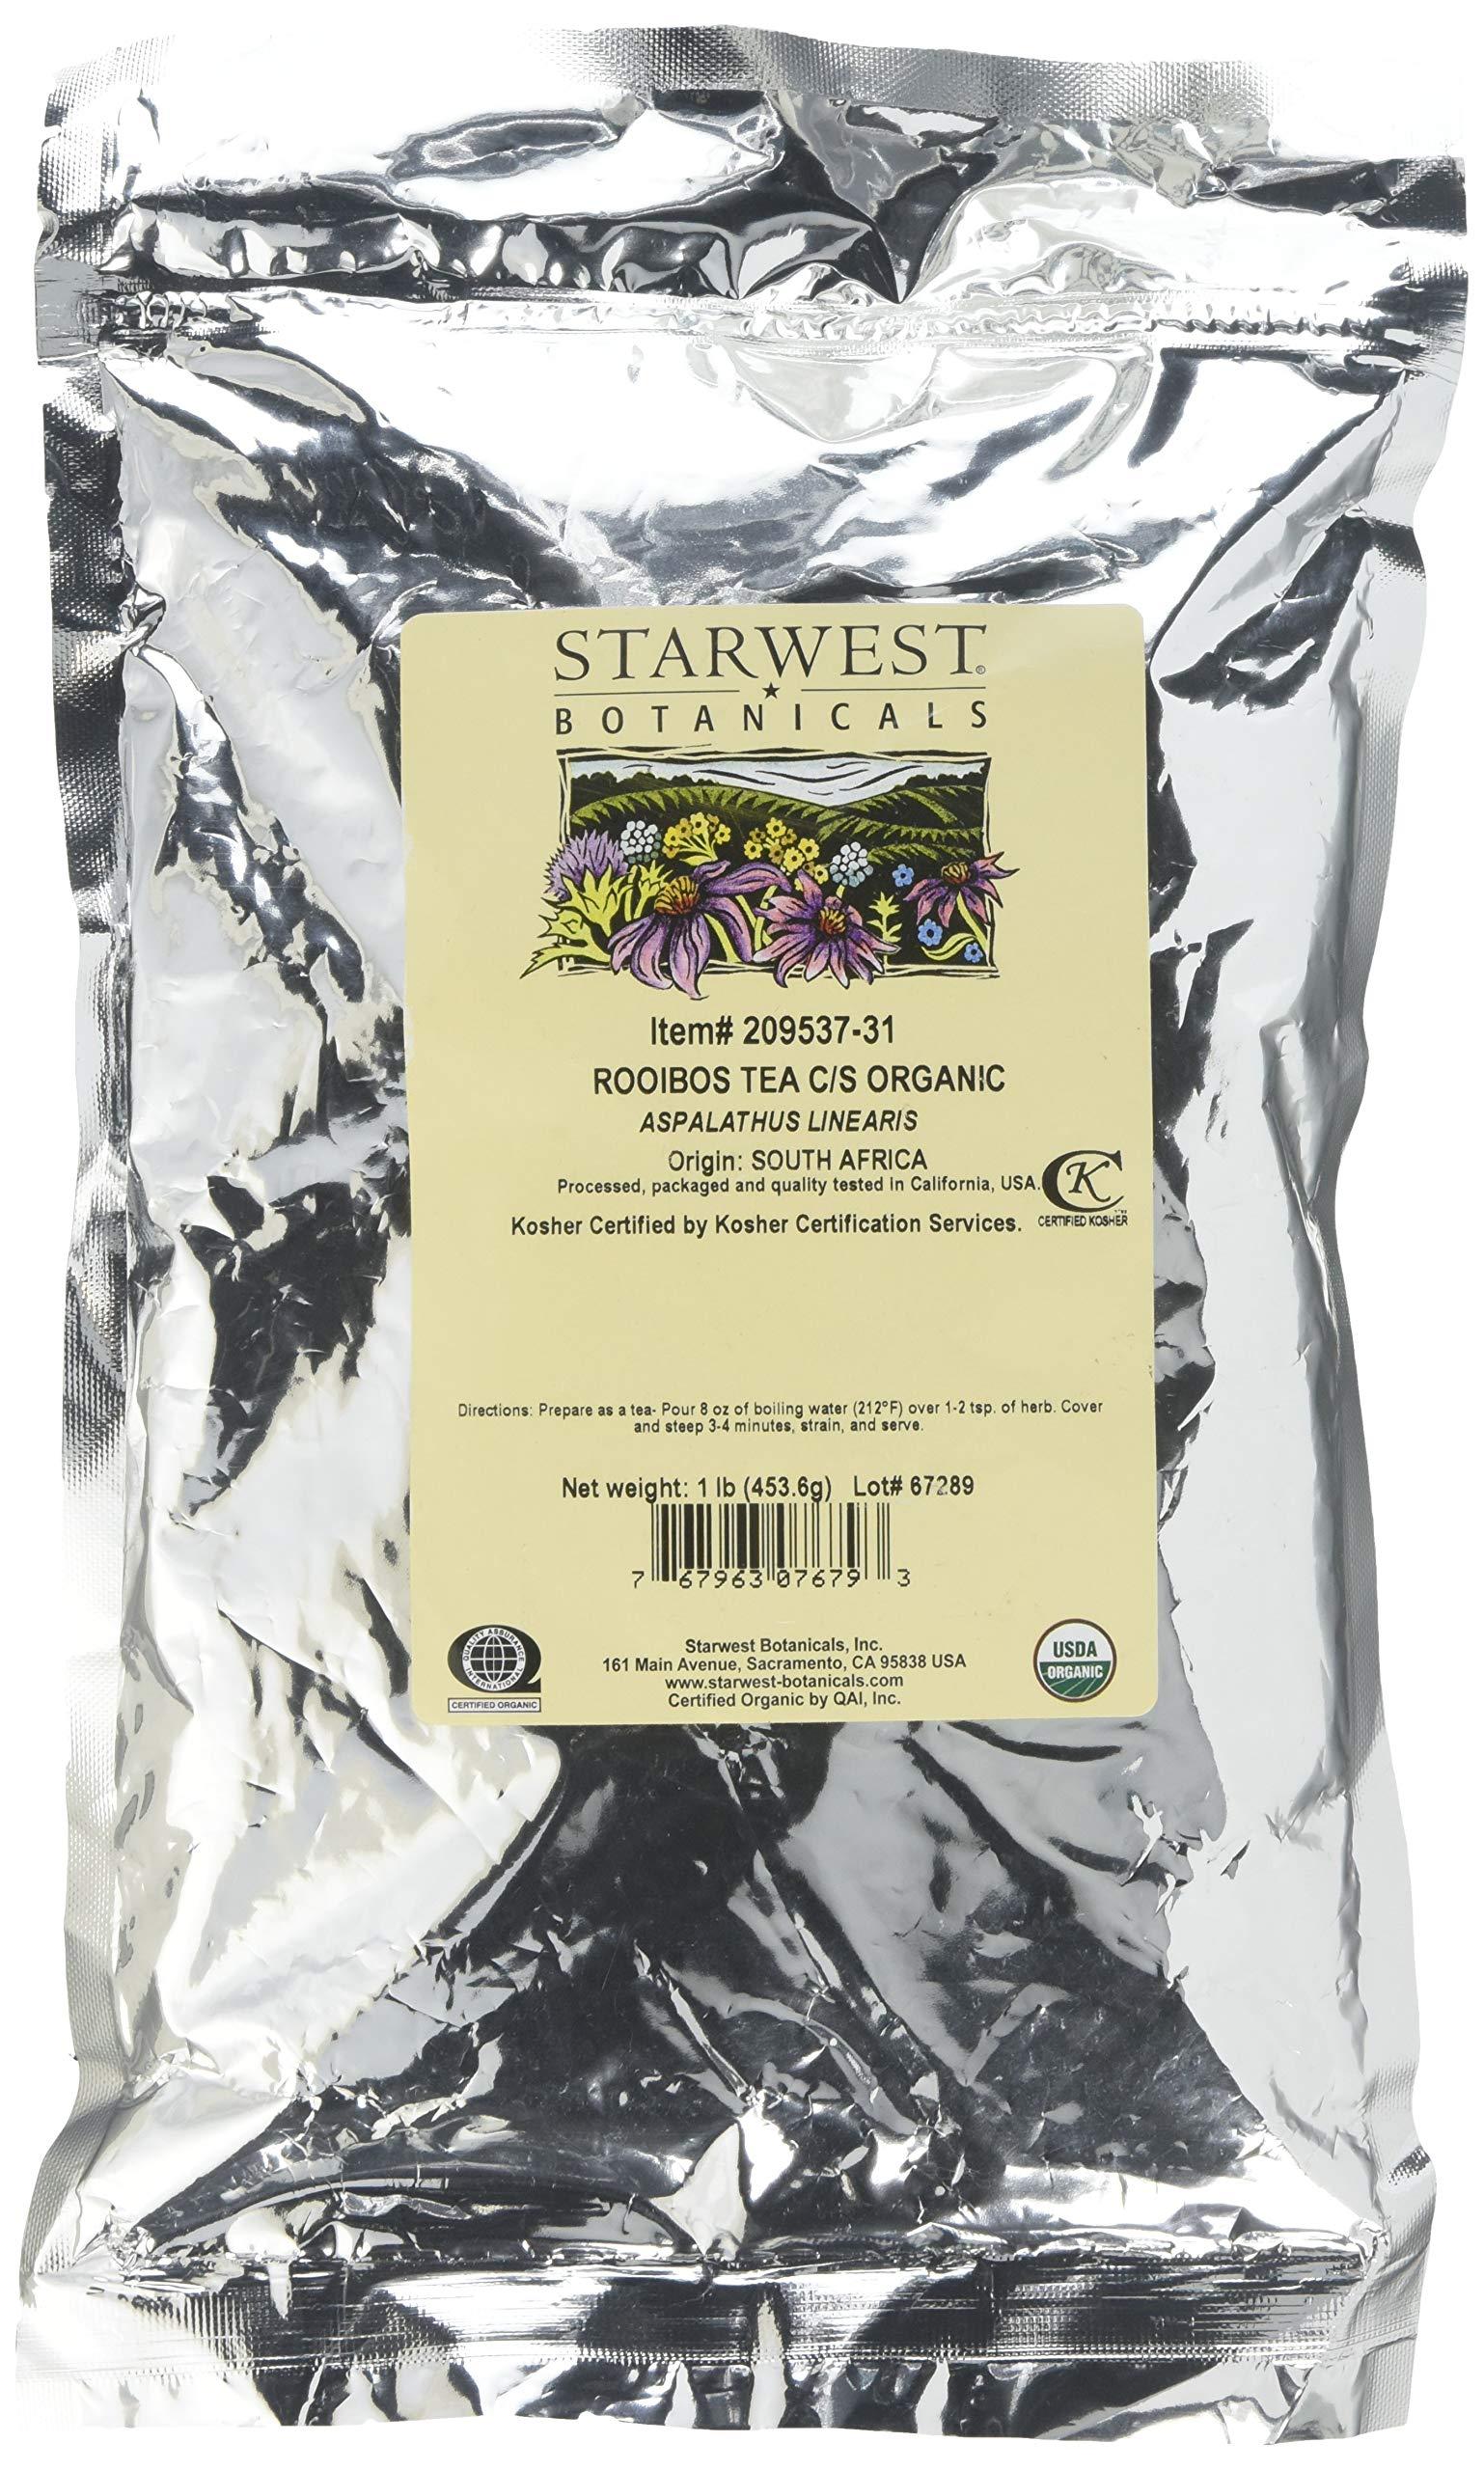 Starwest Botanicals C/S Organic Rooibos Tea, 2 Pound by Starwest Botanicals